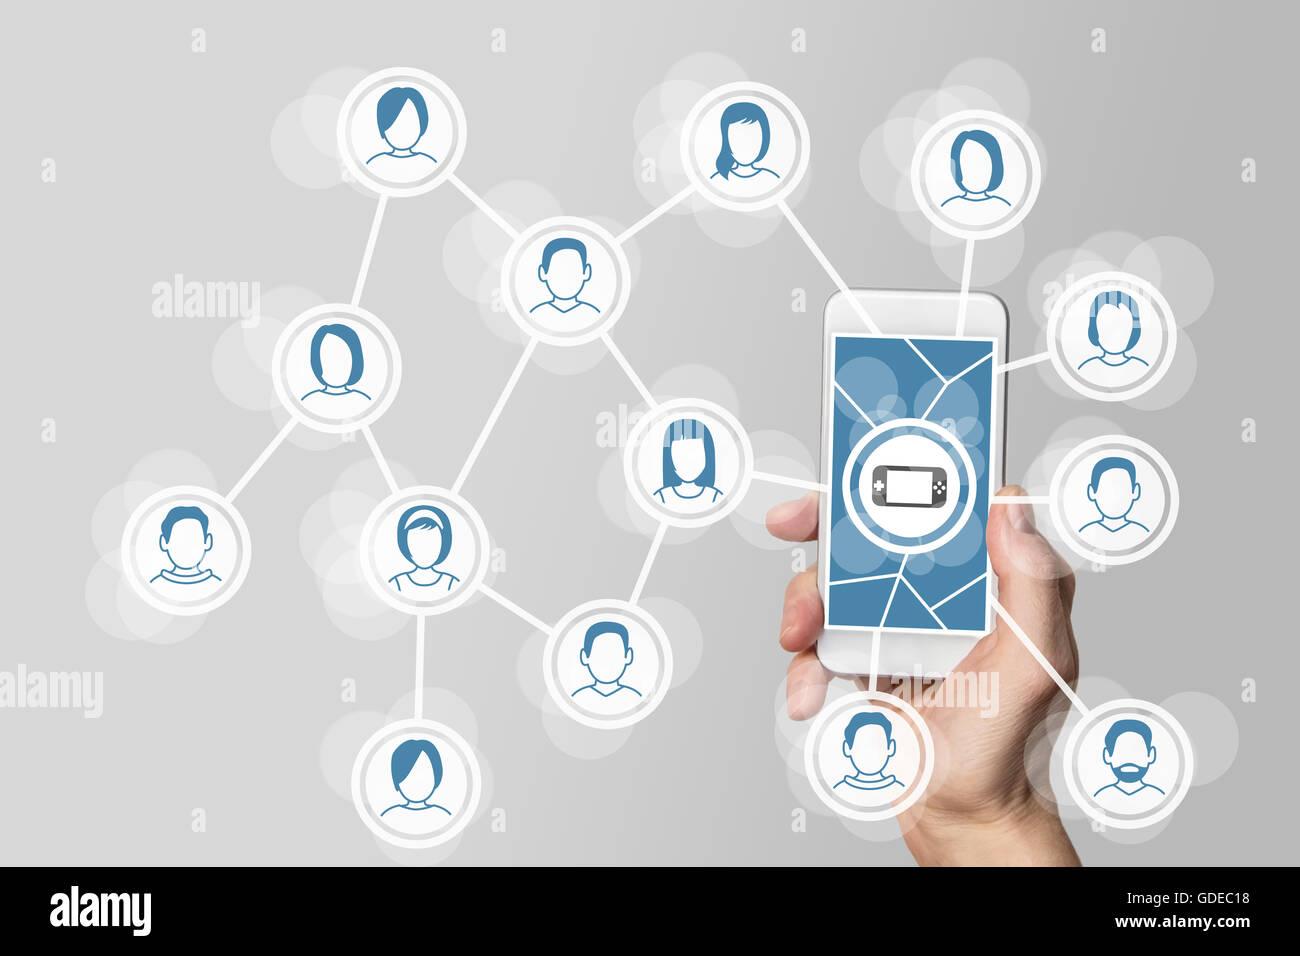 Concept des Jeux mobiles et sociaux avec la holding smartphone connecté au réseau. Photo Stock